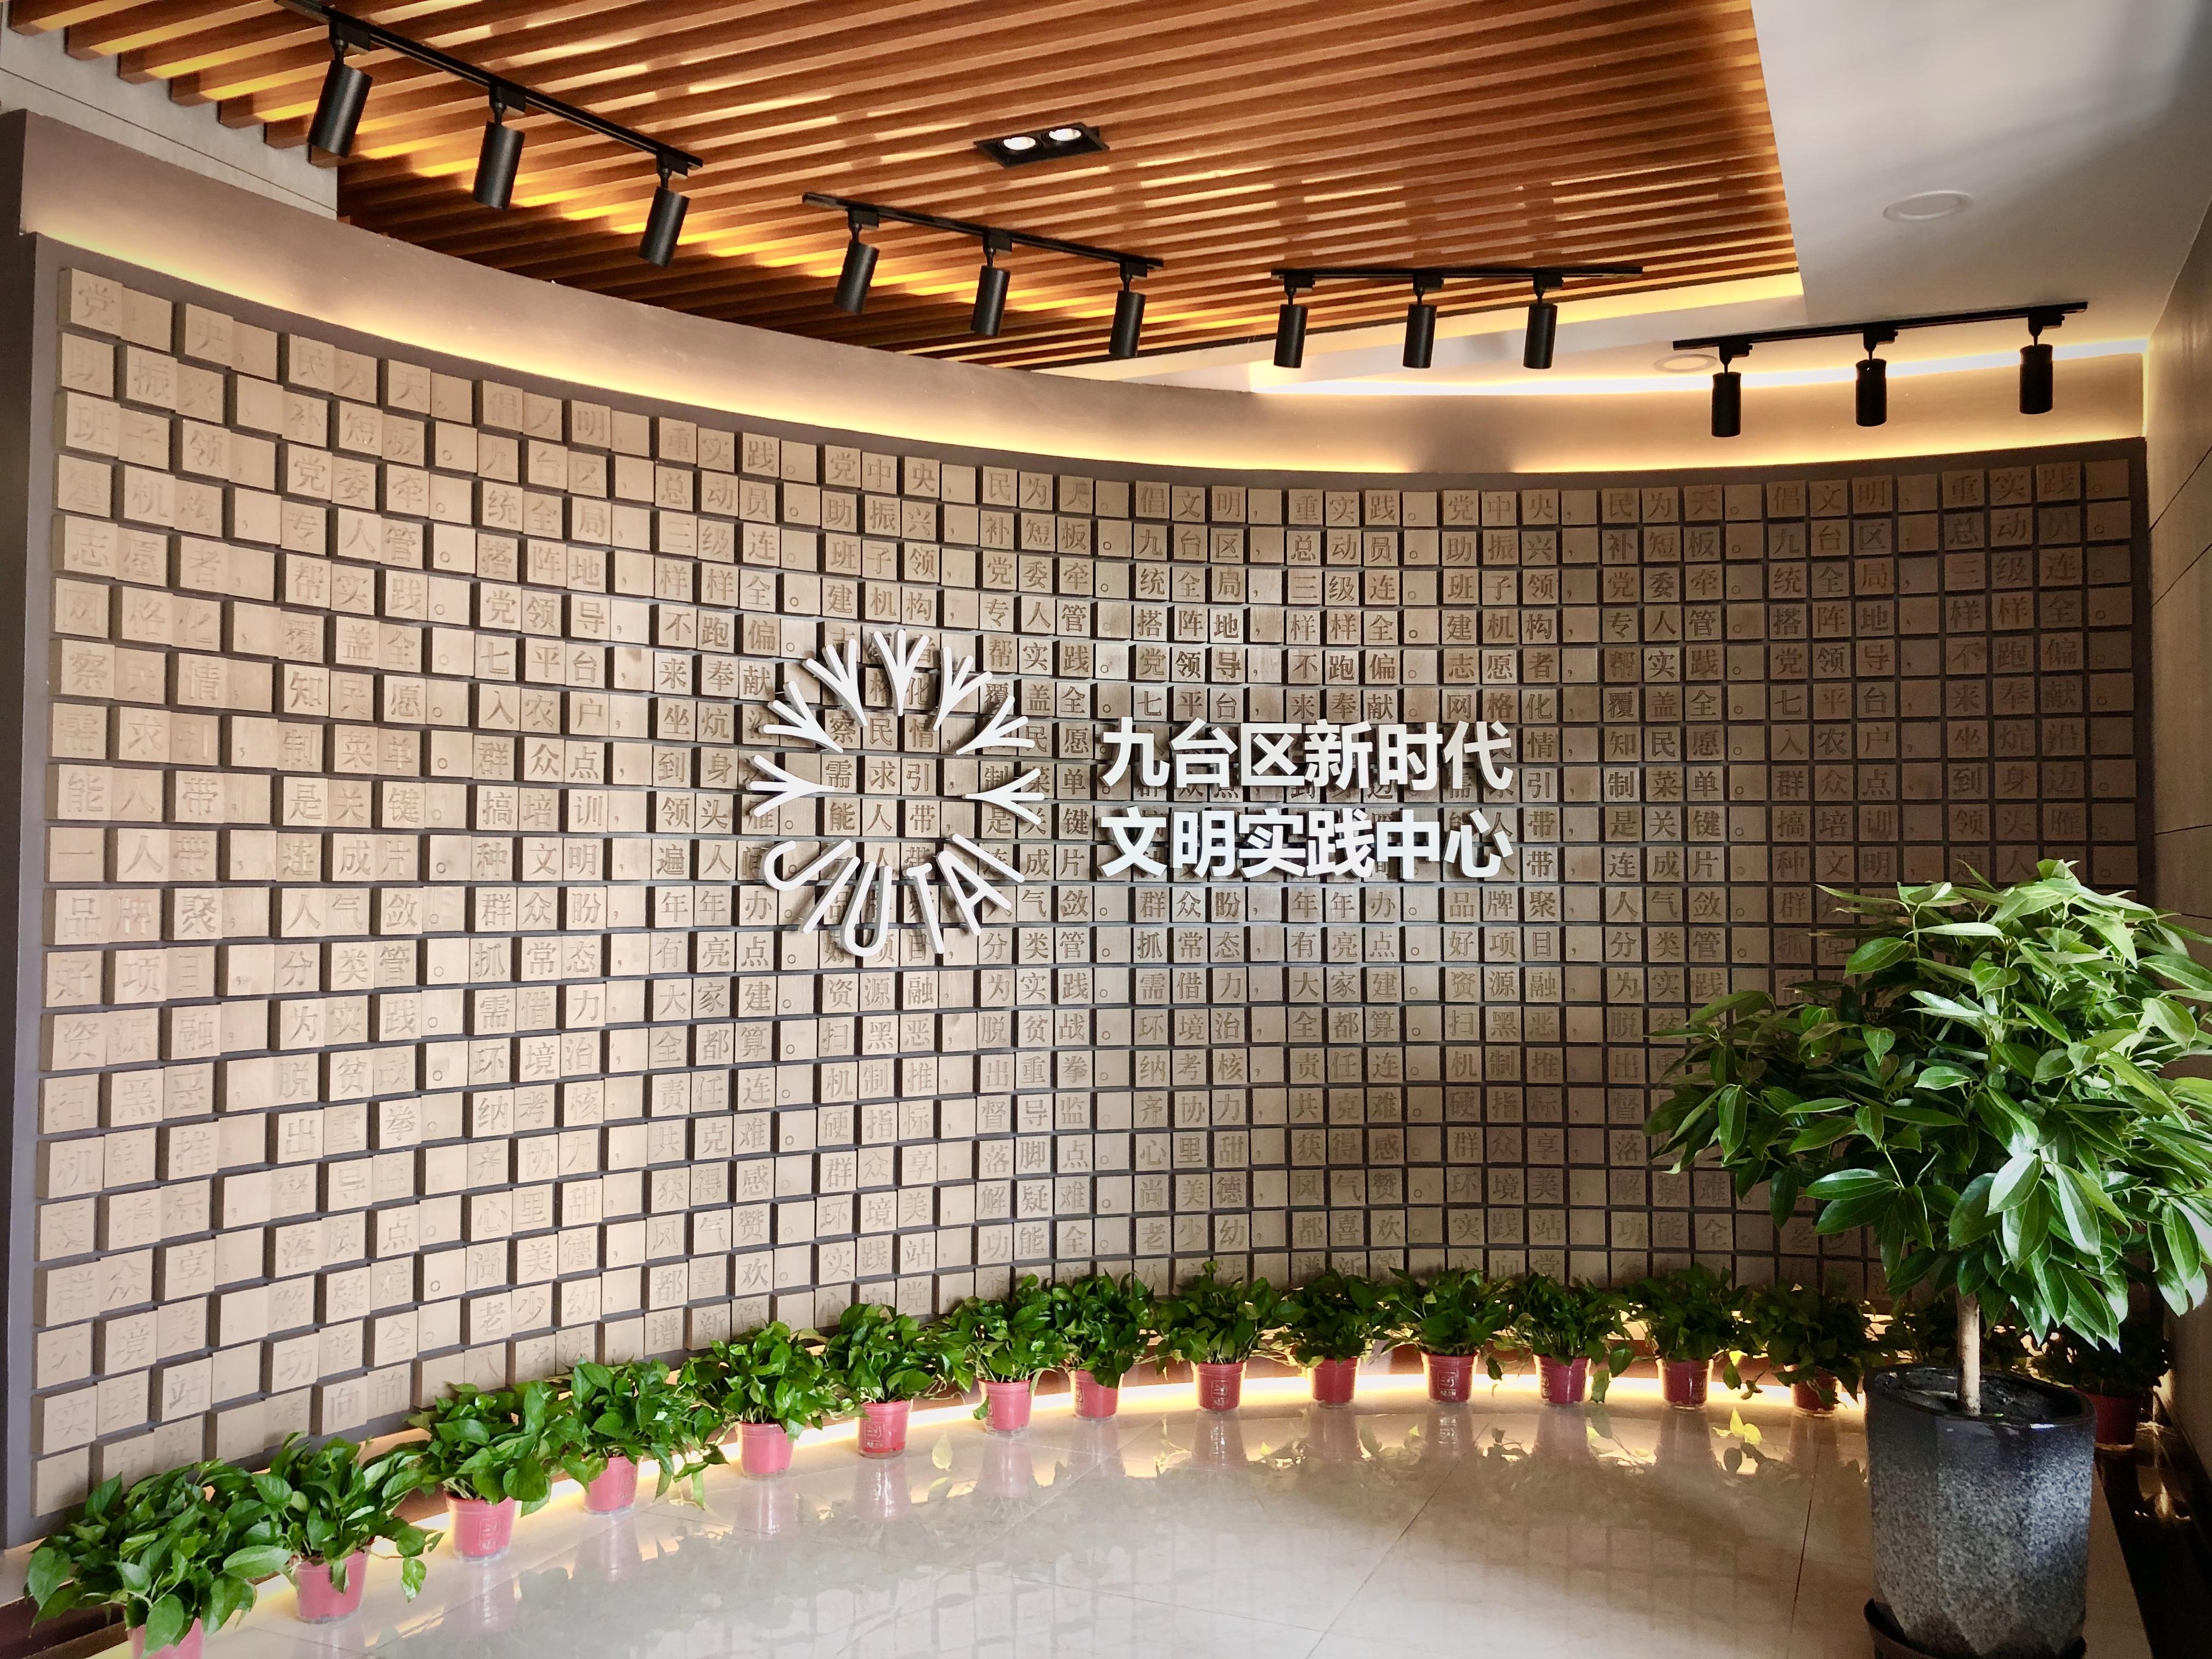 九台区新时代文明实践中心